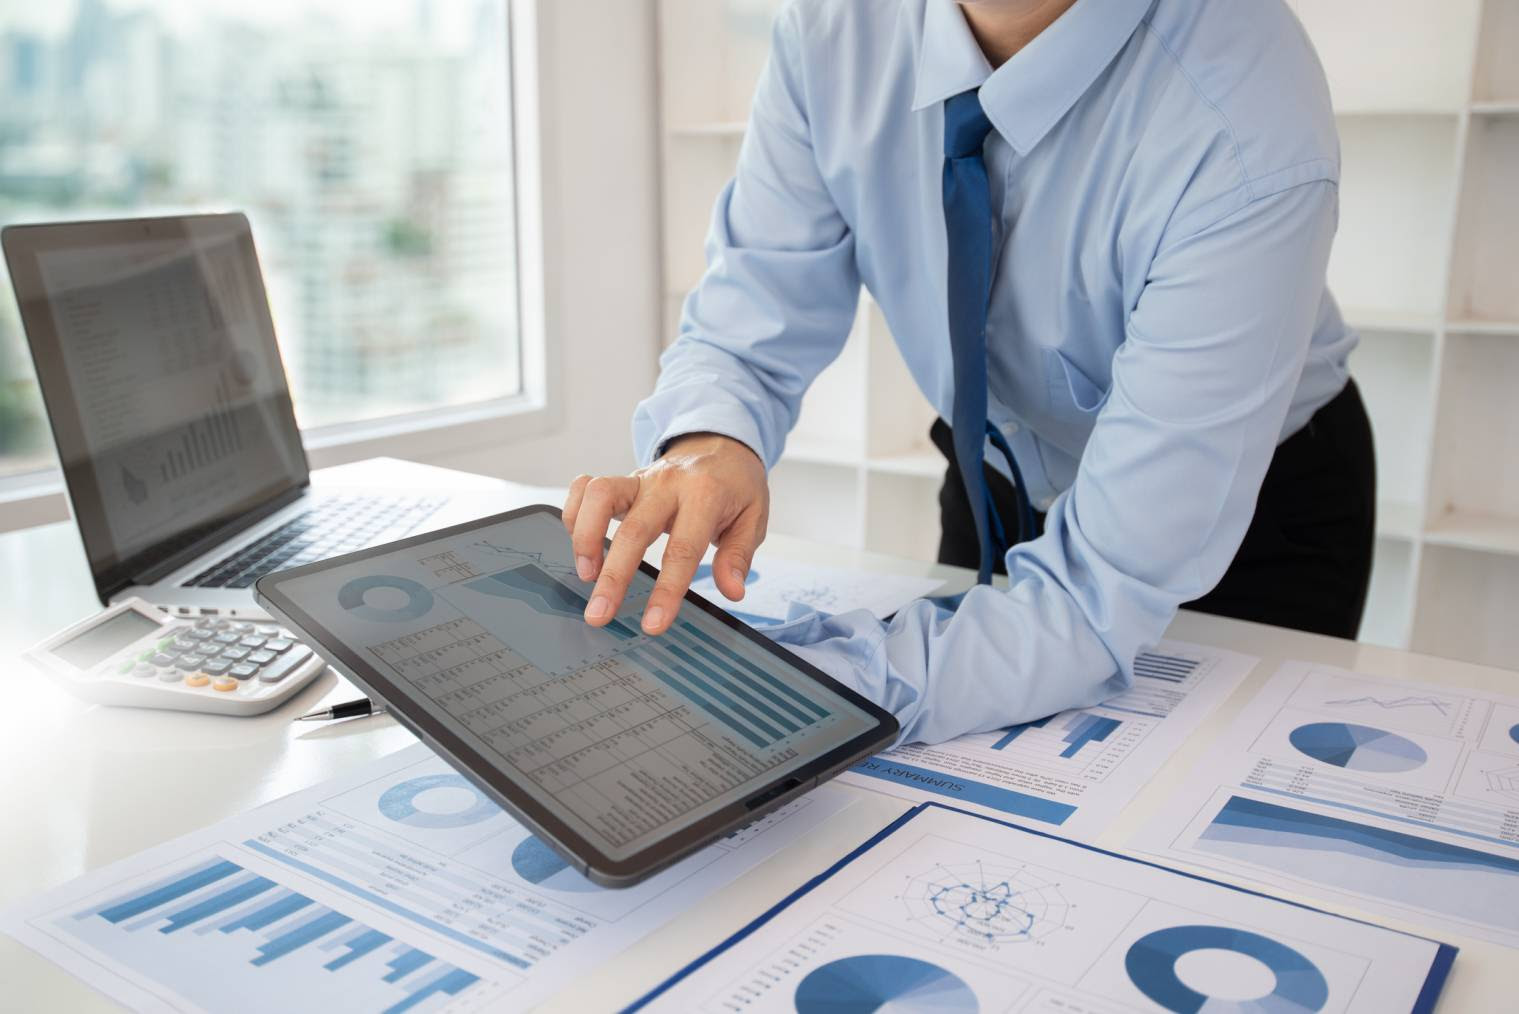 logiciel de business plan